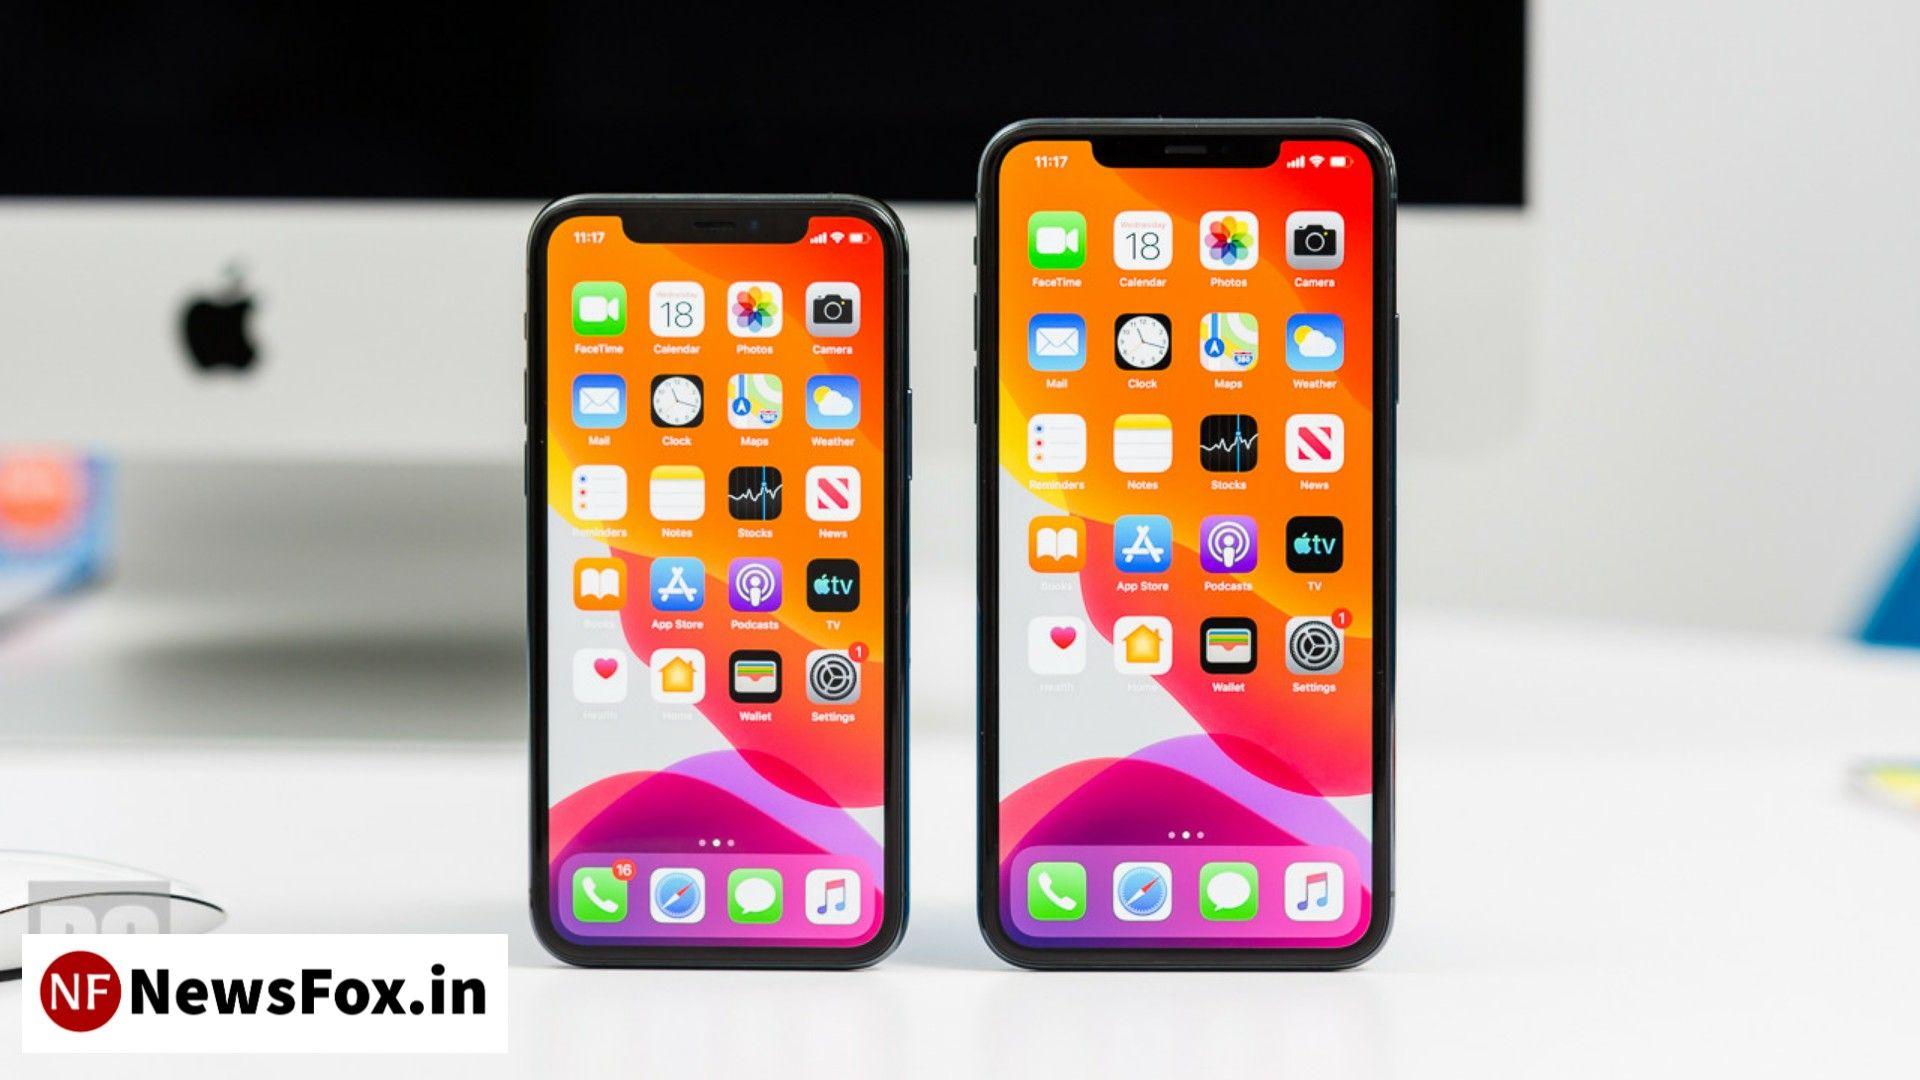 Flipkart: 6 दिनों तक मिलेंगे बहुत ही सस्ते iphone फ्लिपकार्ट पर हुई खतरनाक सेल शुरू